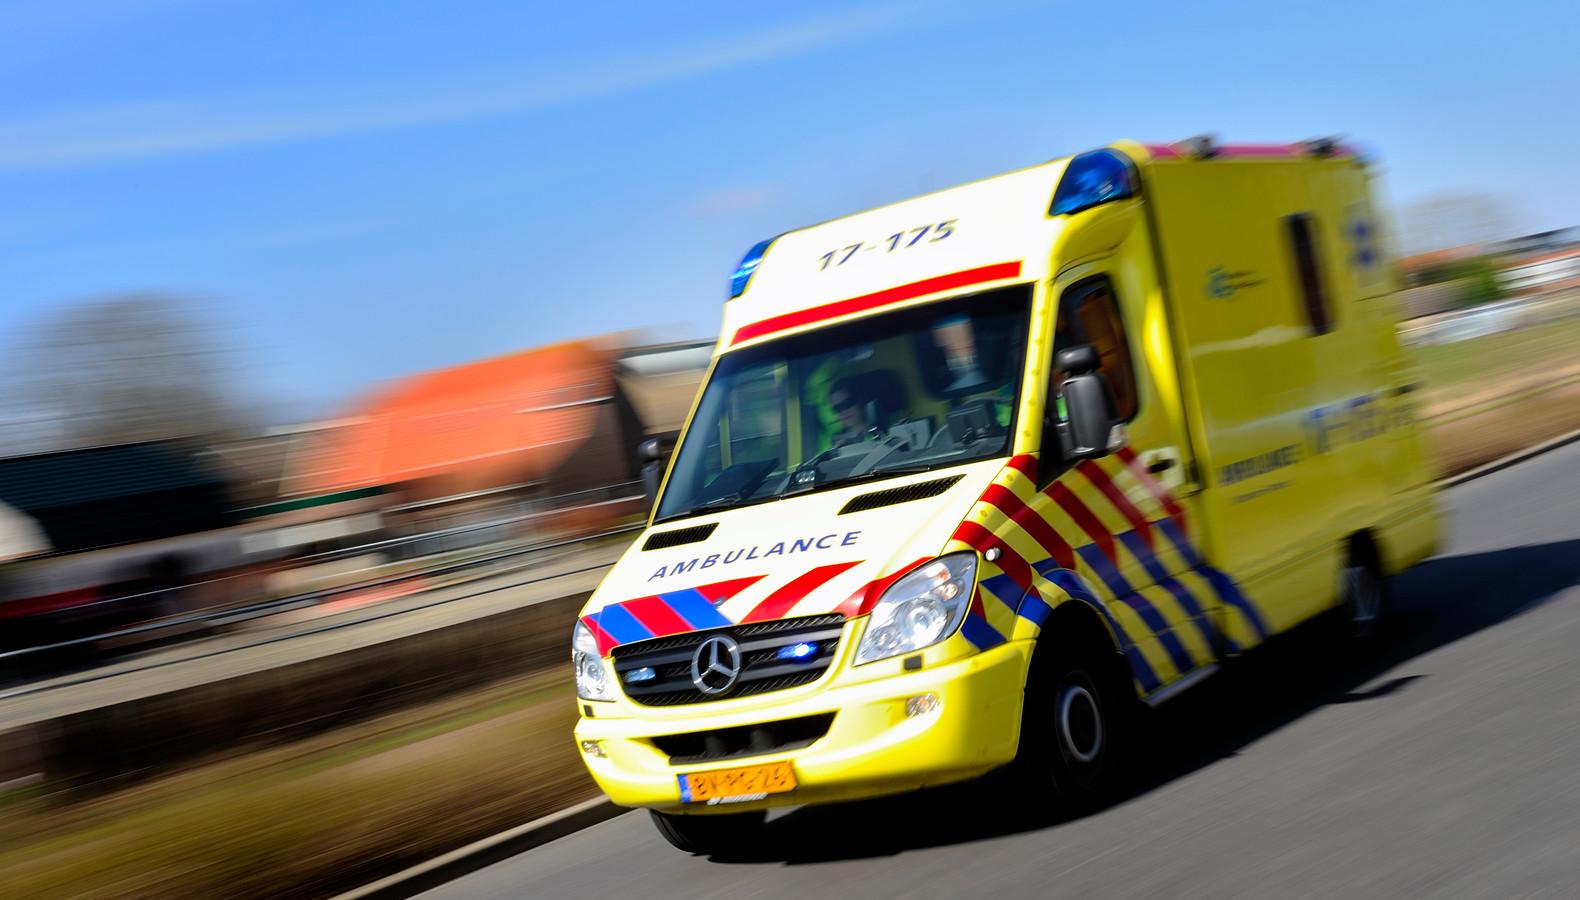 Ambulance rijdt met hoge snelheid door de straat.